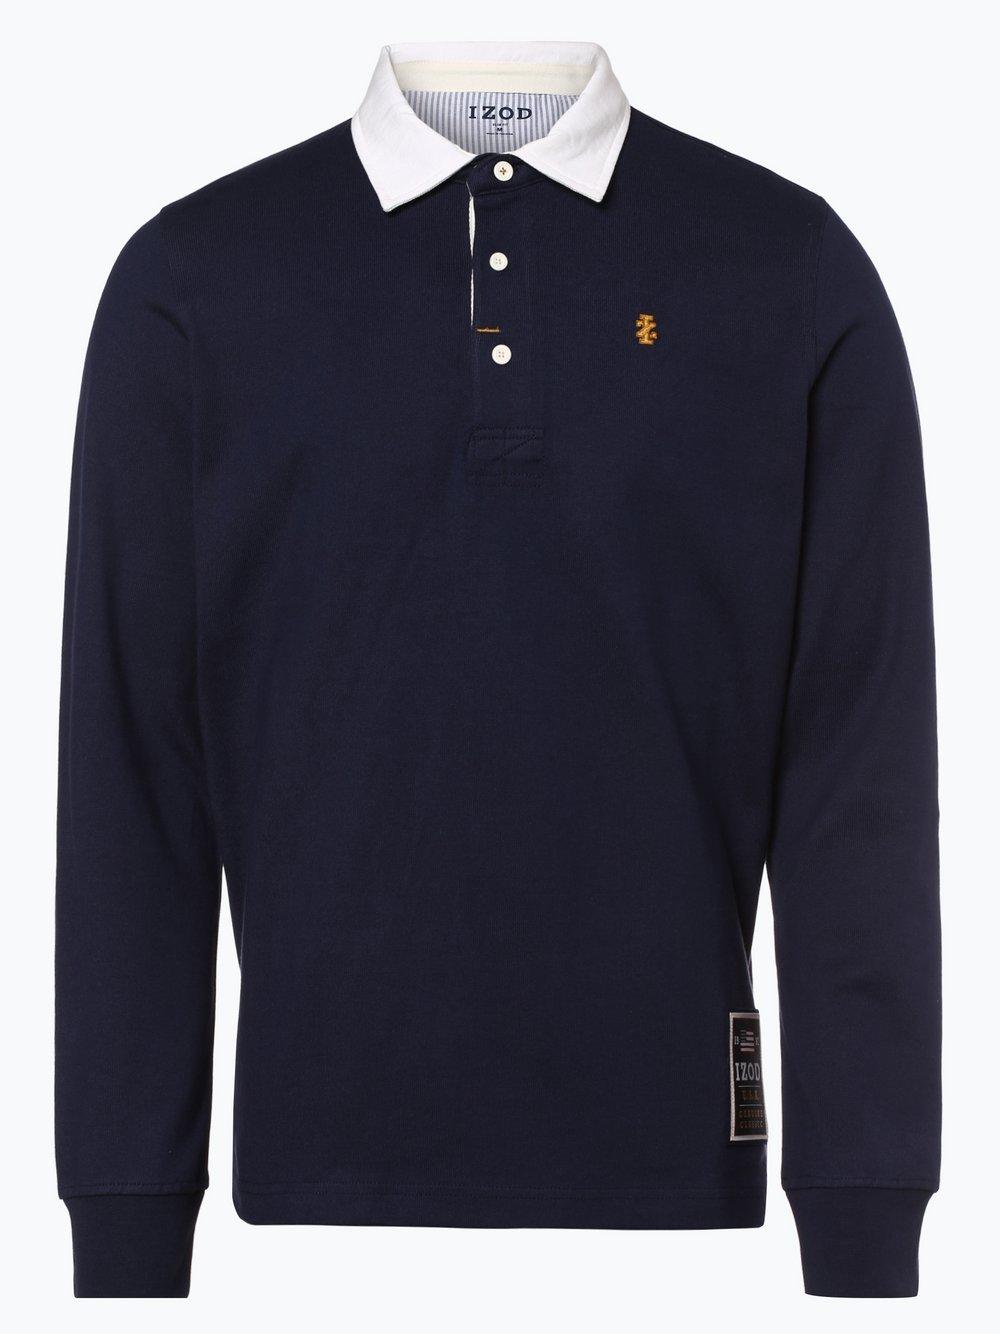 IZOD - Męska bluza nierozpinana, niebieski